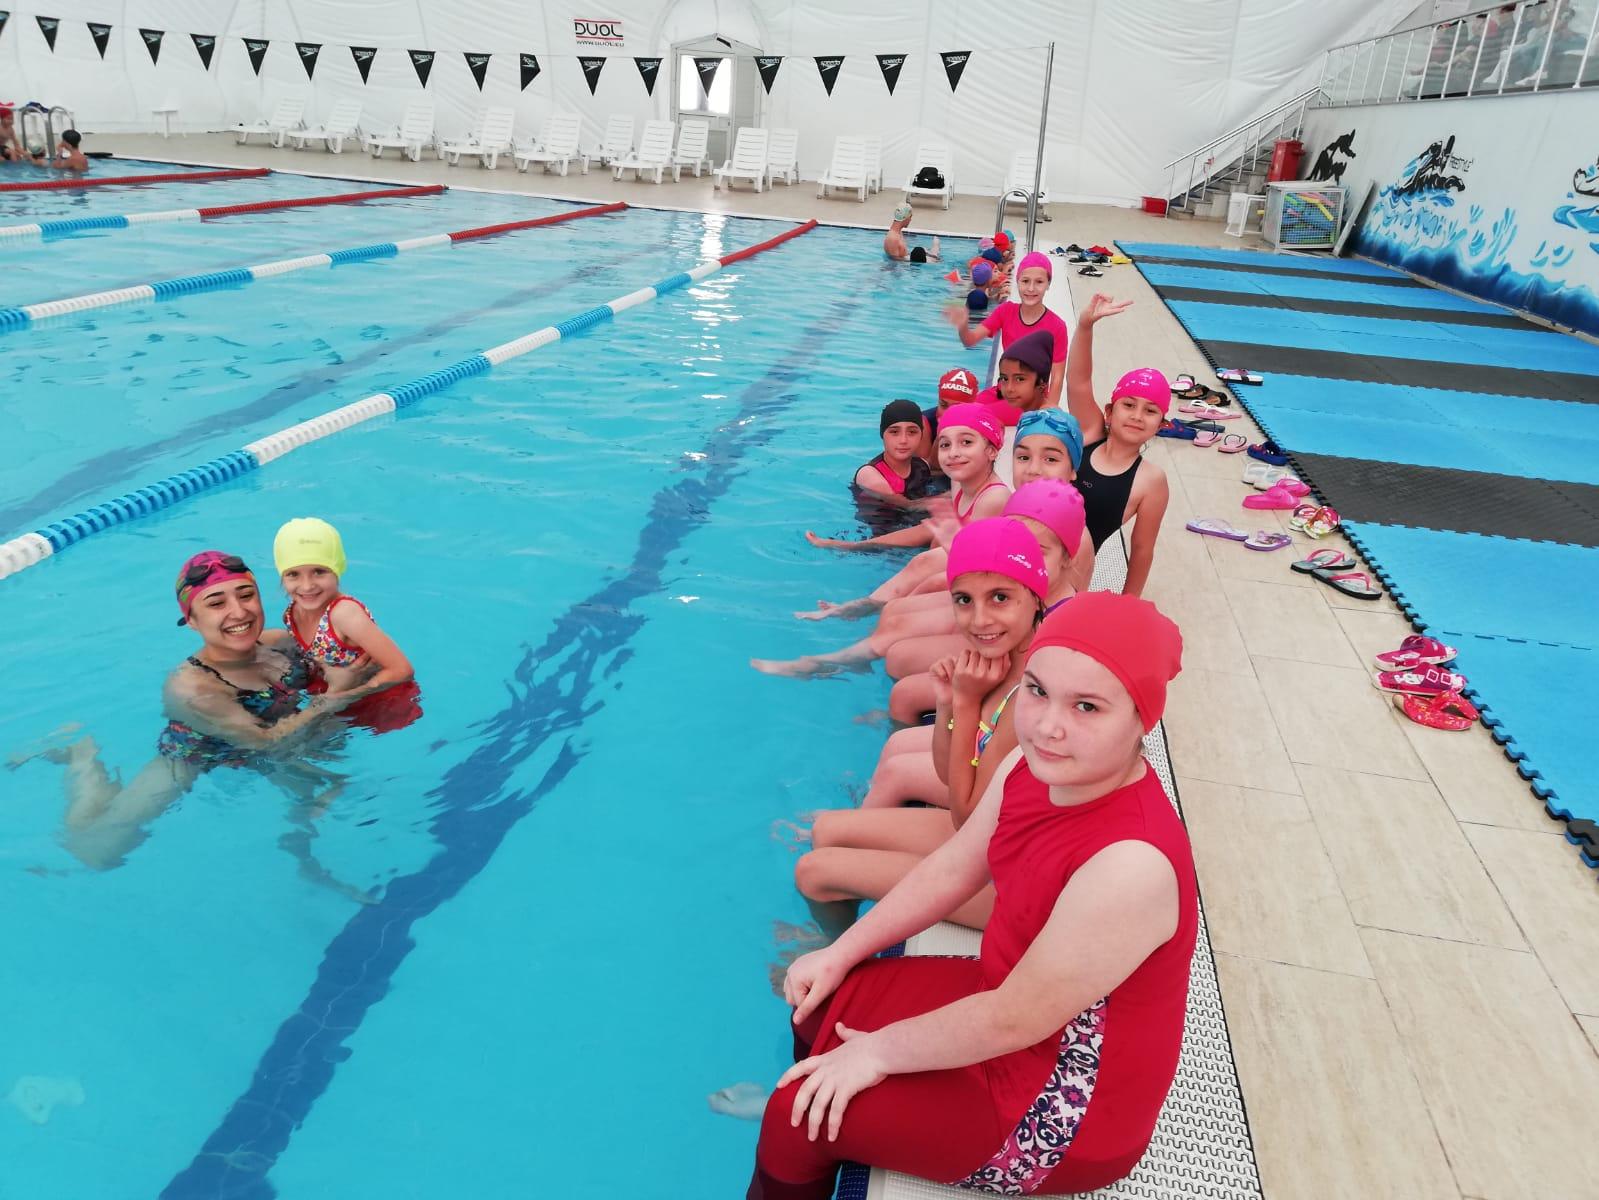 Çocuklardan Başkan Hürriyet'e Teşekkür Var  Bedava Yüzme Öğreniyorlar